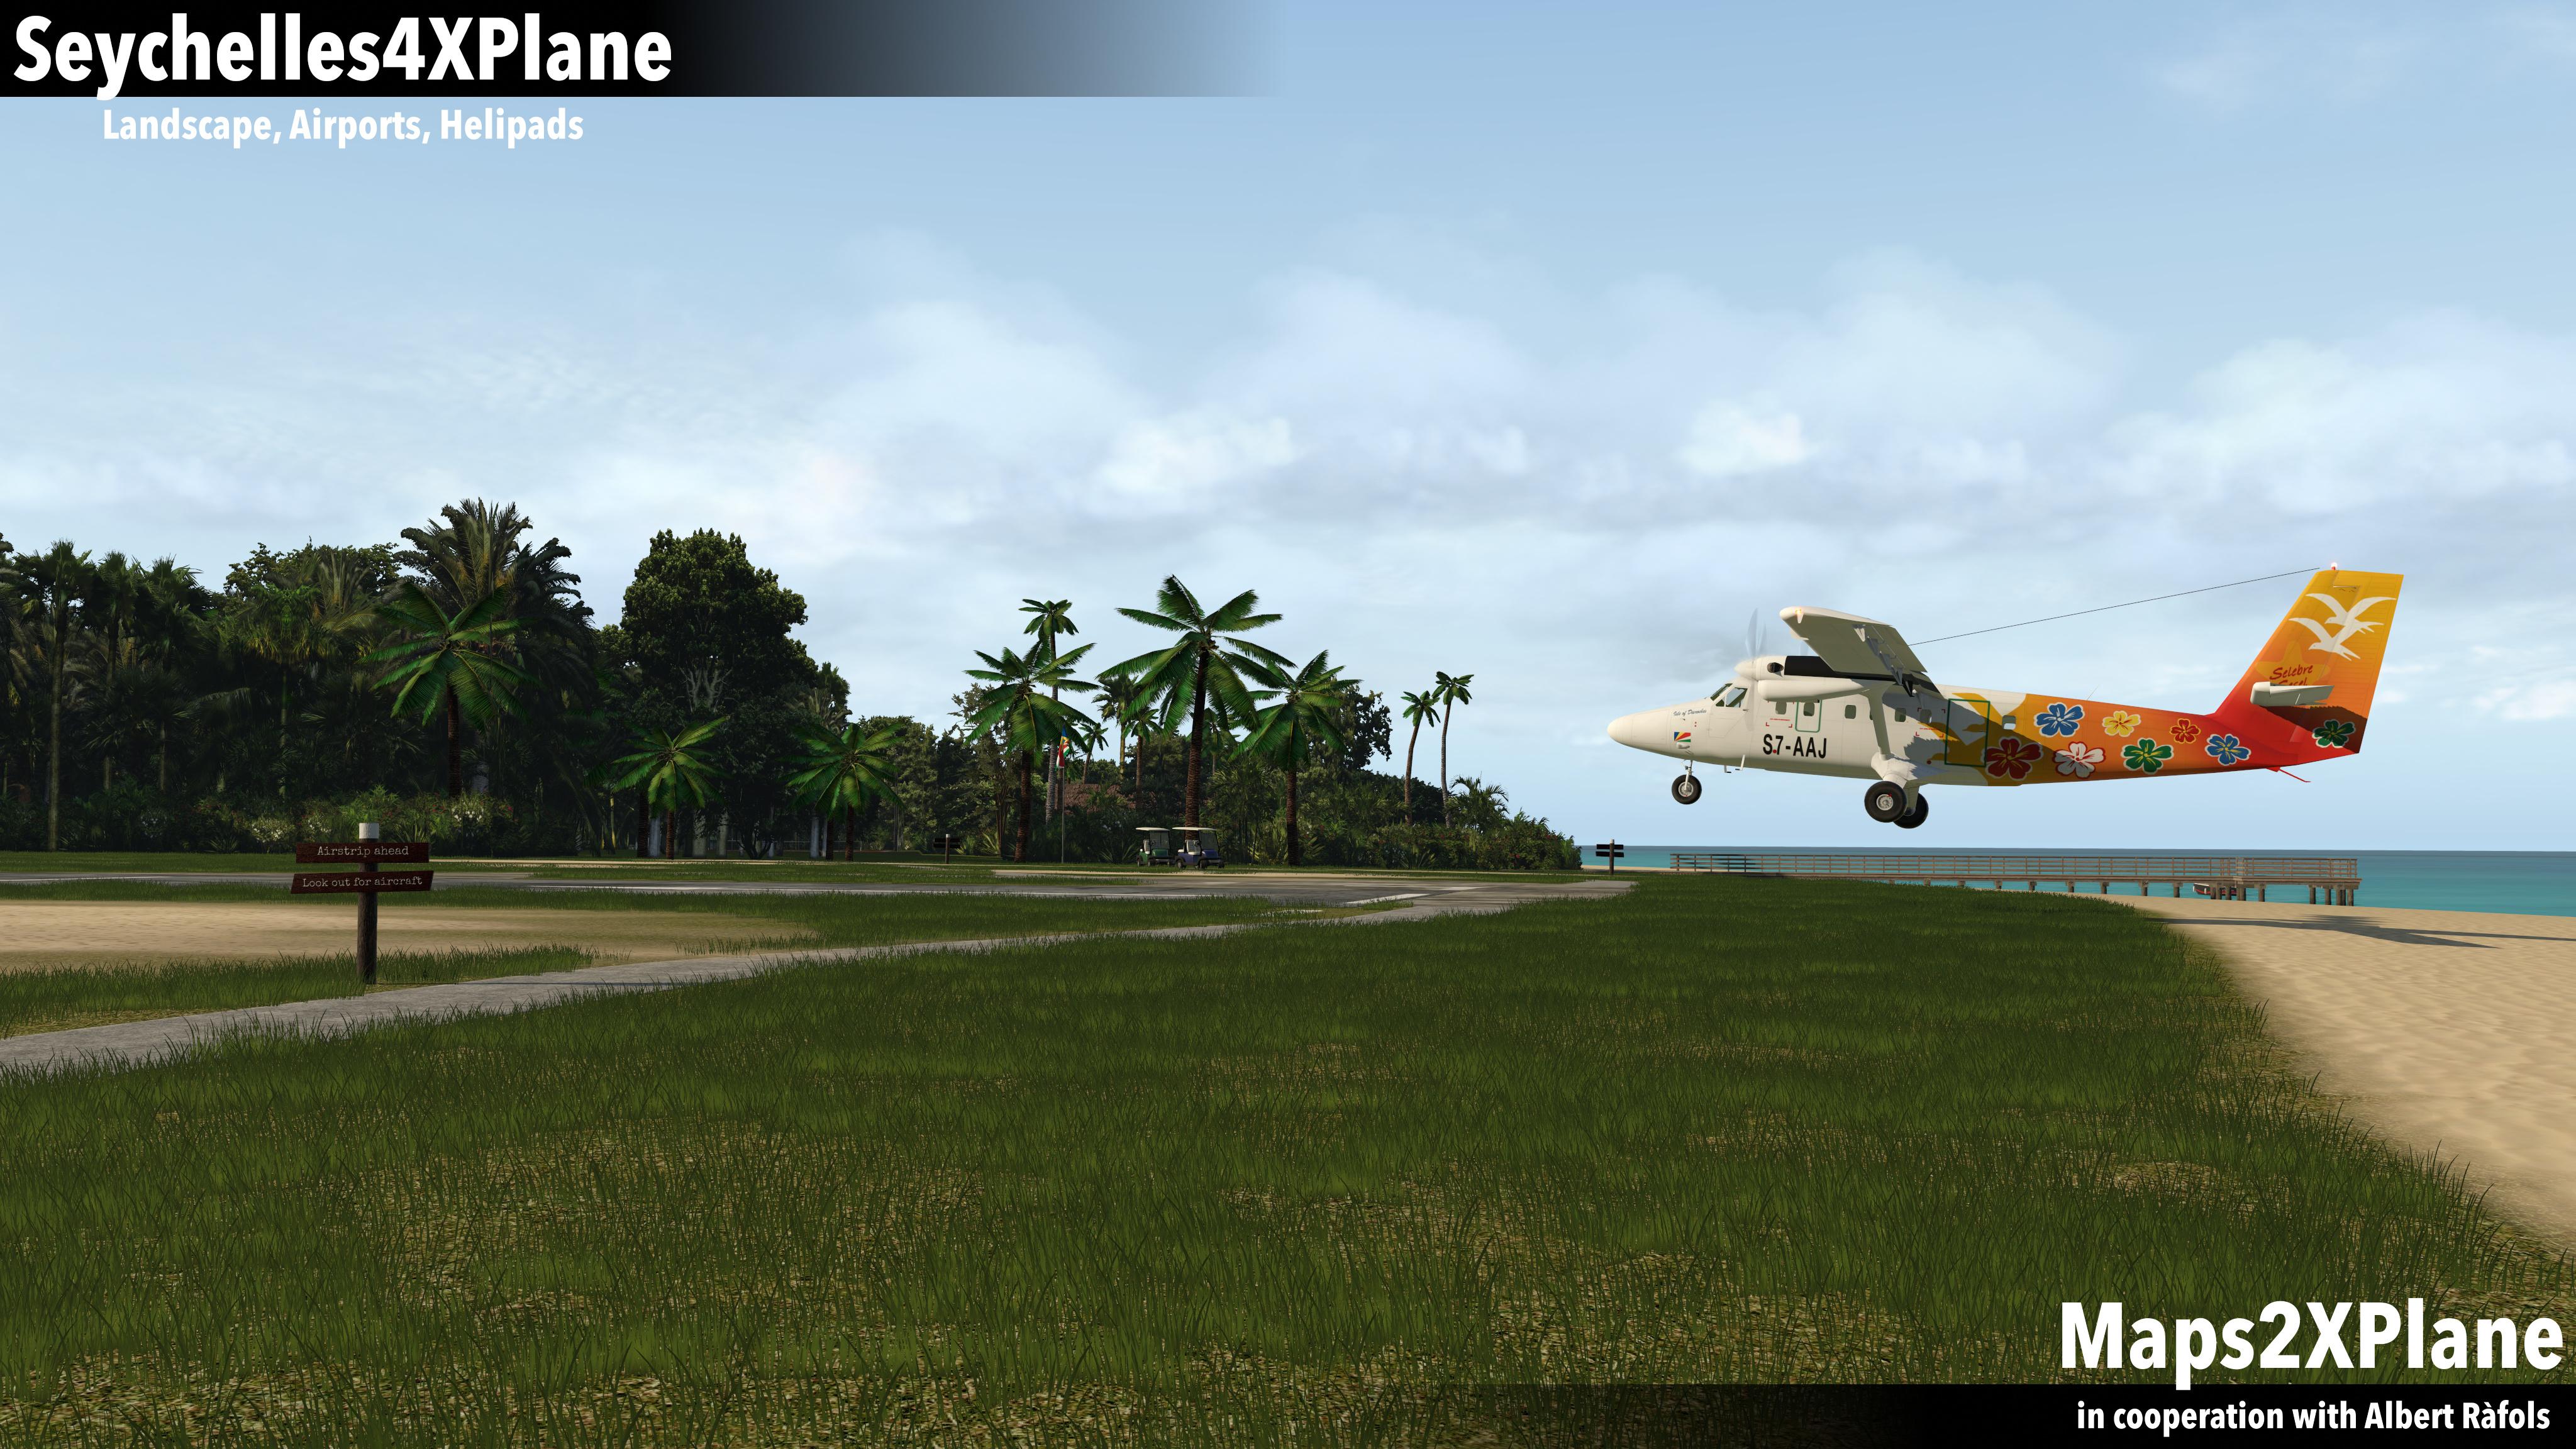 seychelles4xplane_fsdr_01.jpg